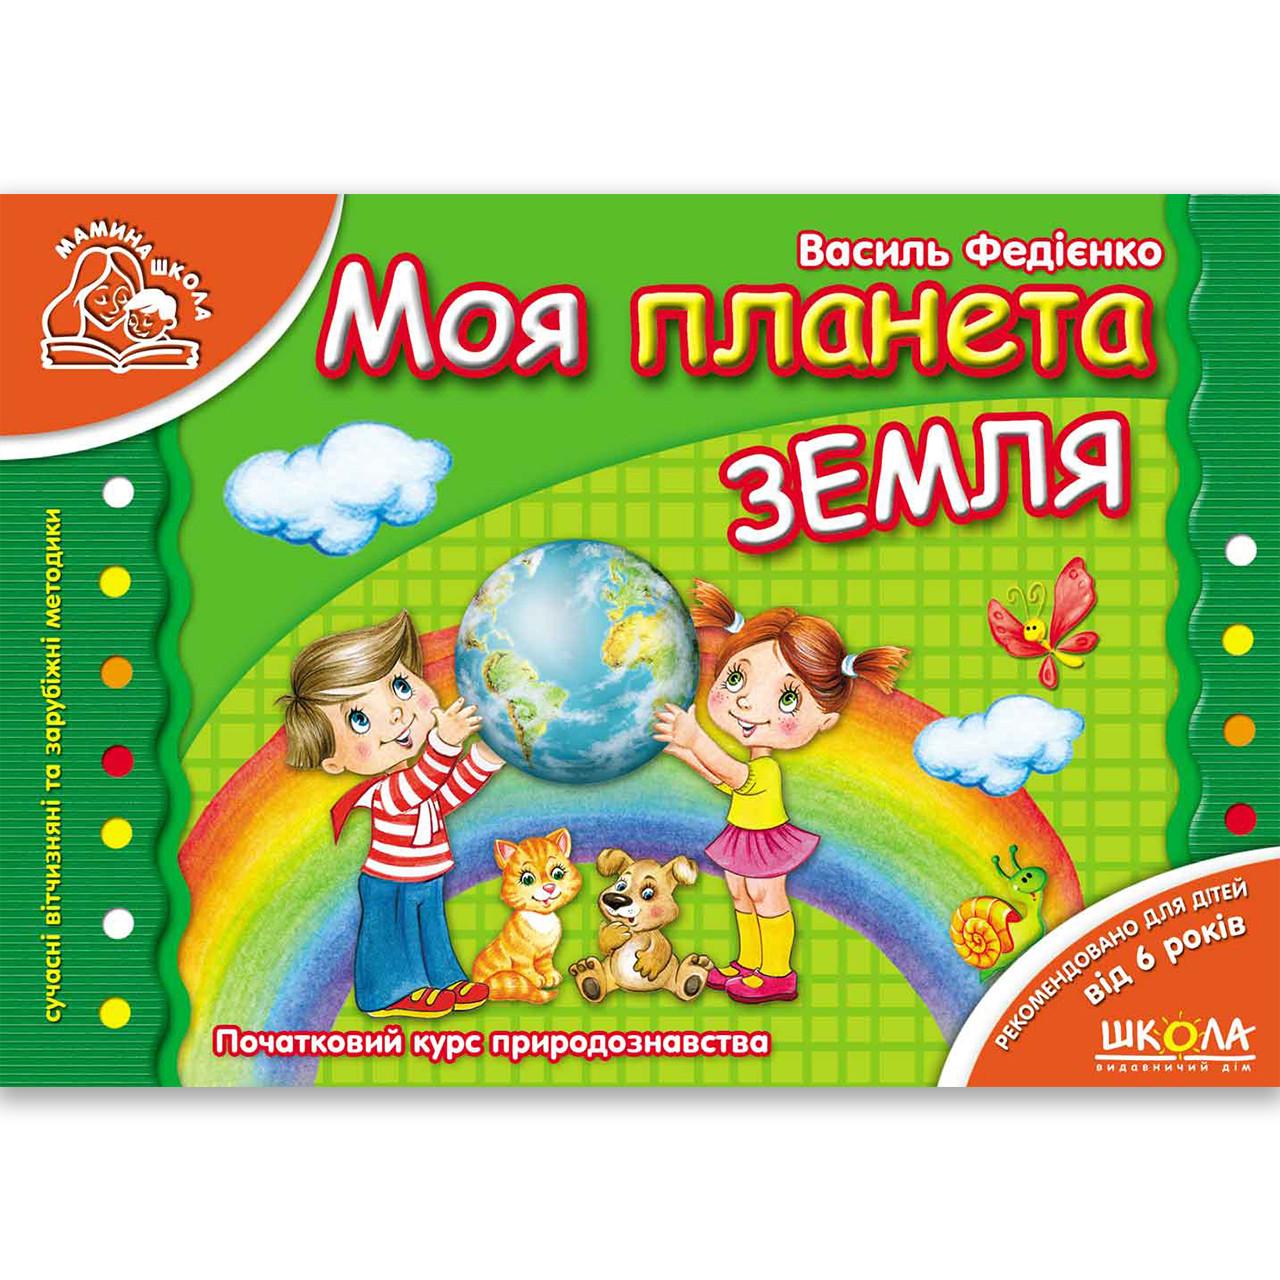 Мамина школа Моя планета Земля Автор: Федієнко В. Вигляд: Школа